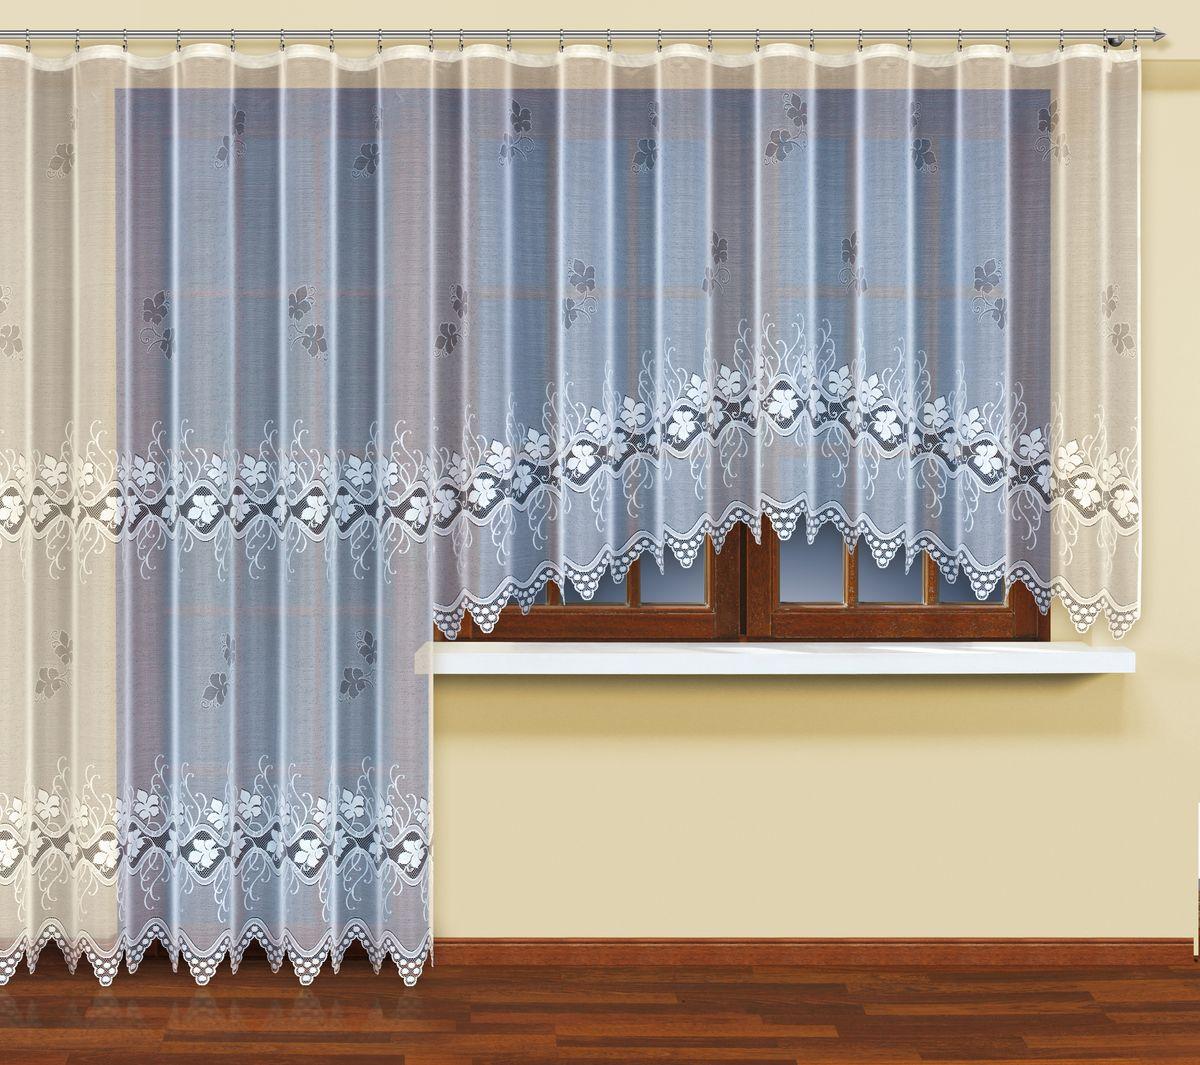 Комплект балконный HAFT 300*160+200*240. 222570S03301004Комплект балконный XAFT 300*160+200*240. 222570Материал: 100% п/э, размер: 300*160+200*240, цвет: белый